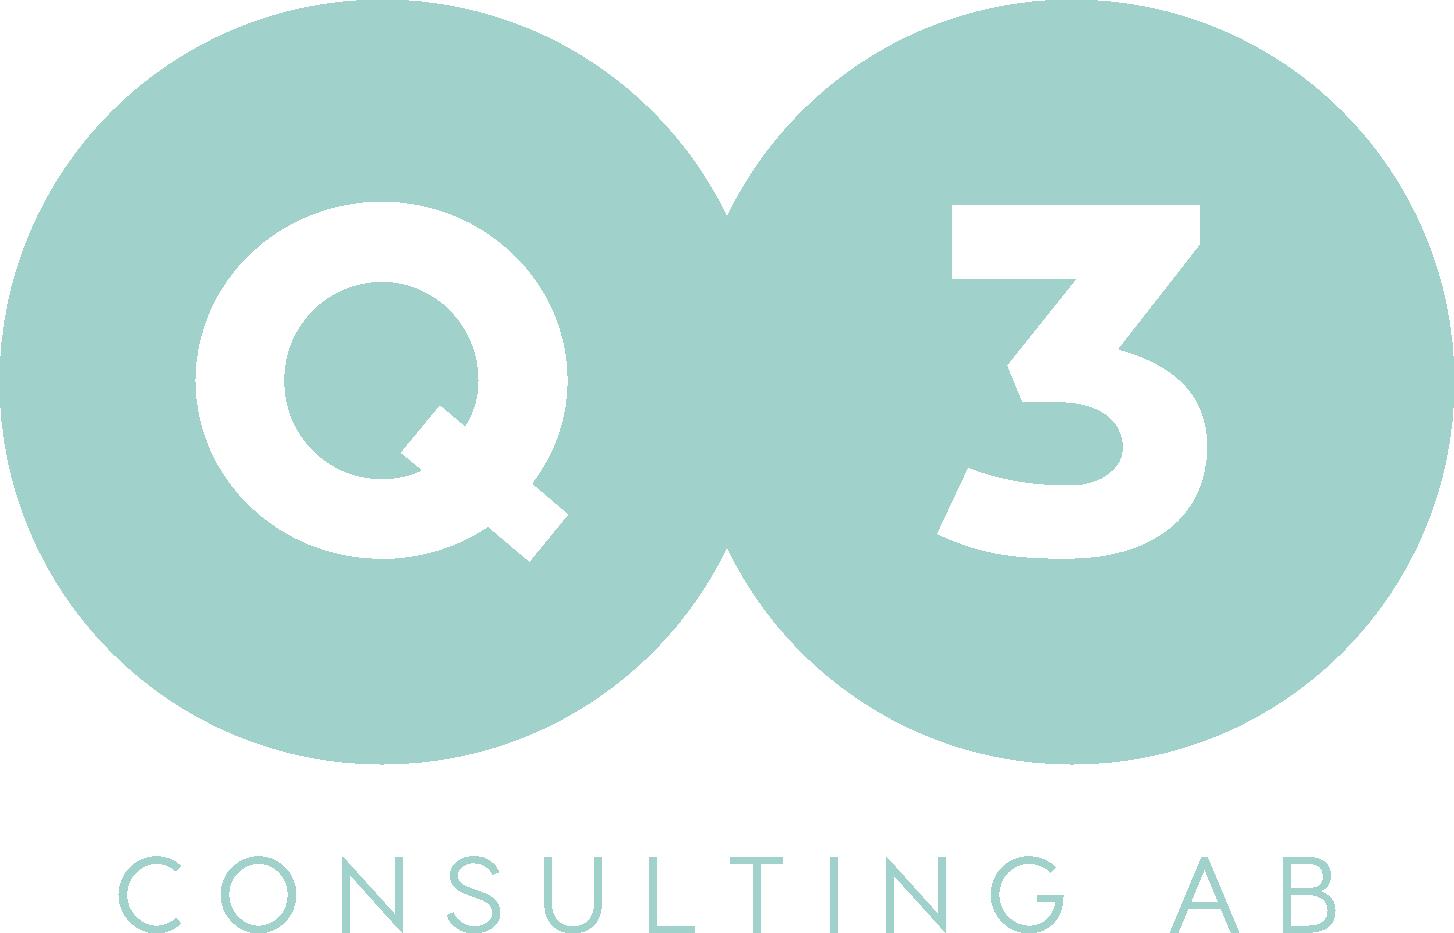 Q3 Consulting AB